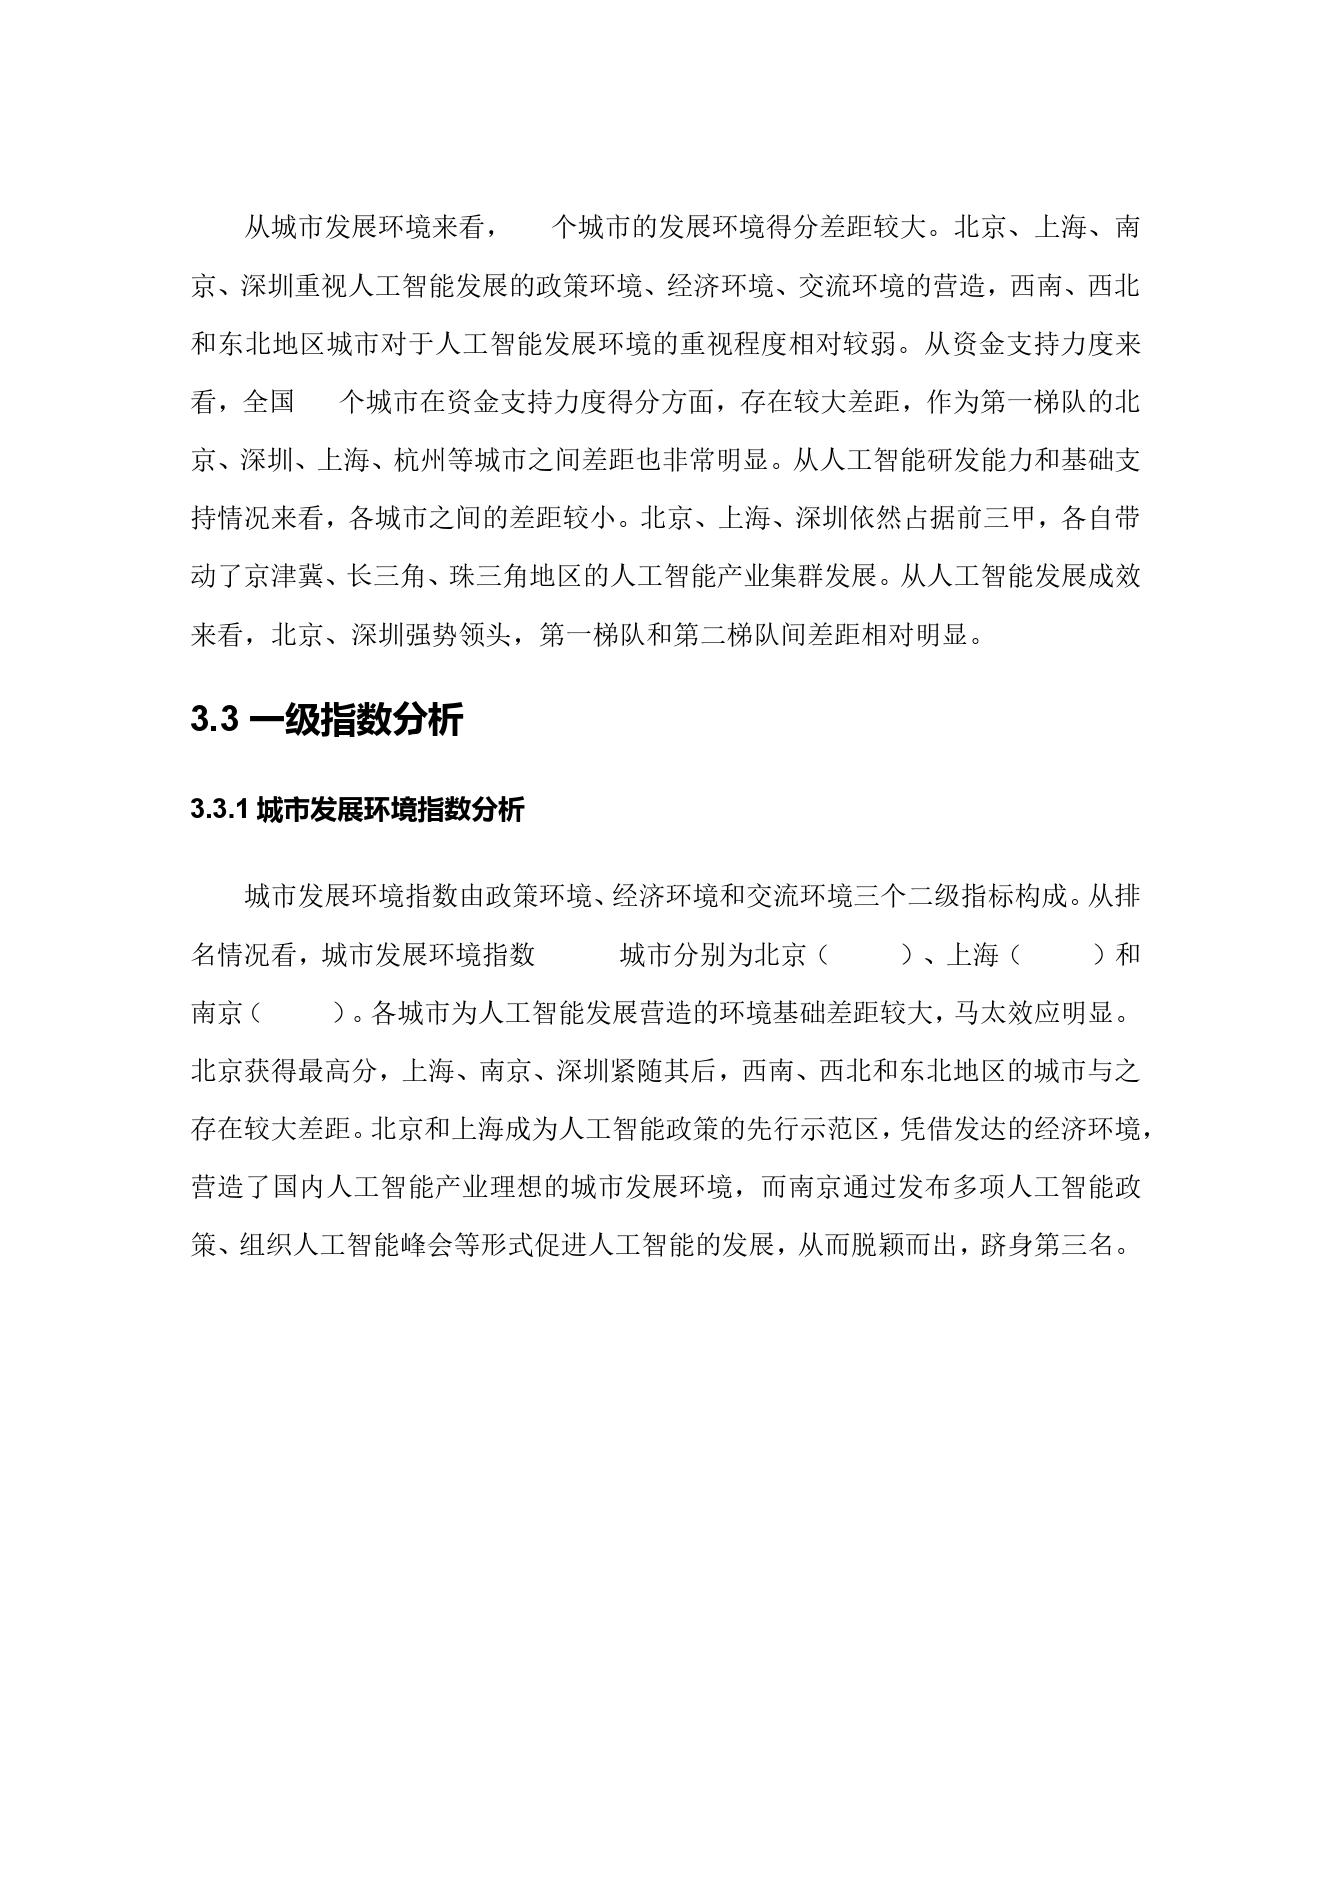 36氪研究院:2020年中国城市人工智能发展指数报告(可下载报告)插图(55)